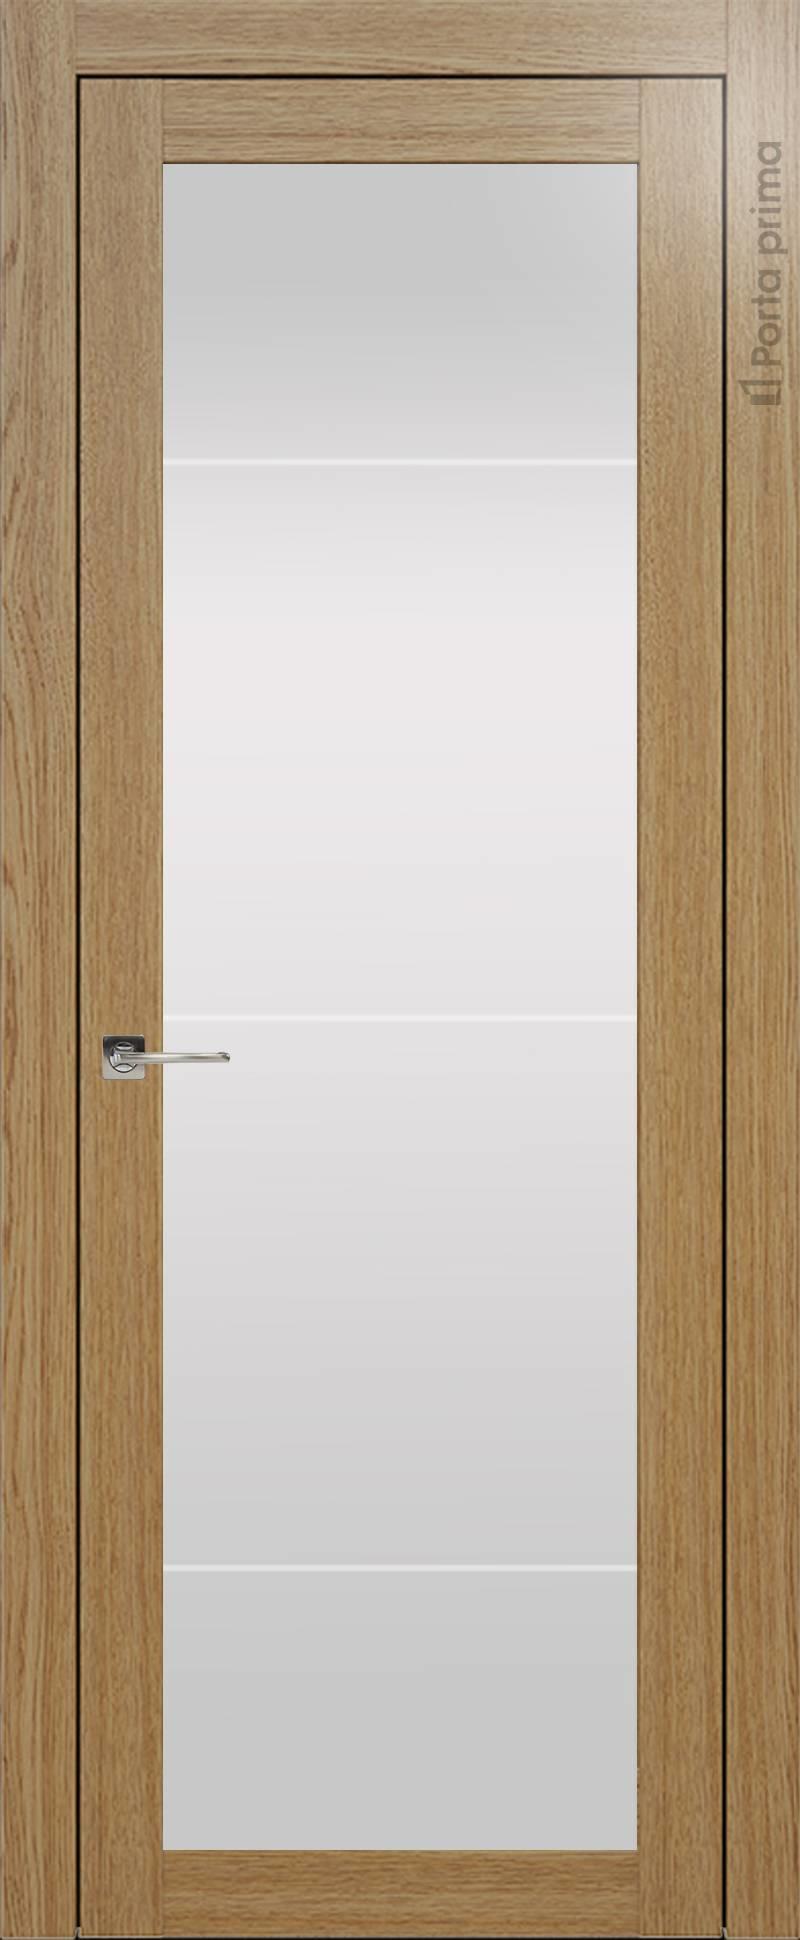 Tivoli З-3 цвет - Дуб карамель Со стеклом (ДО)